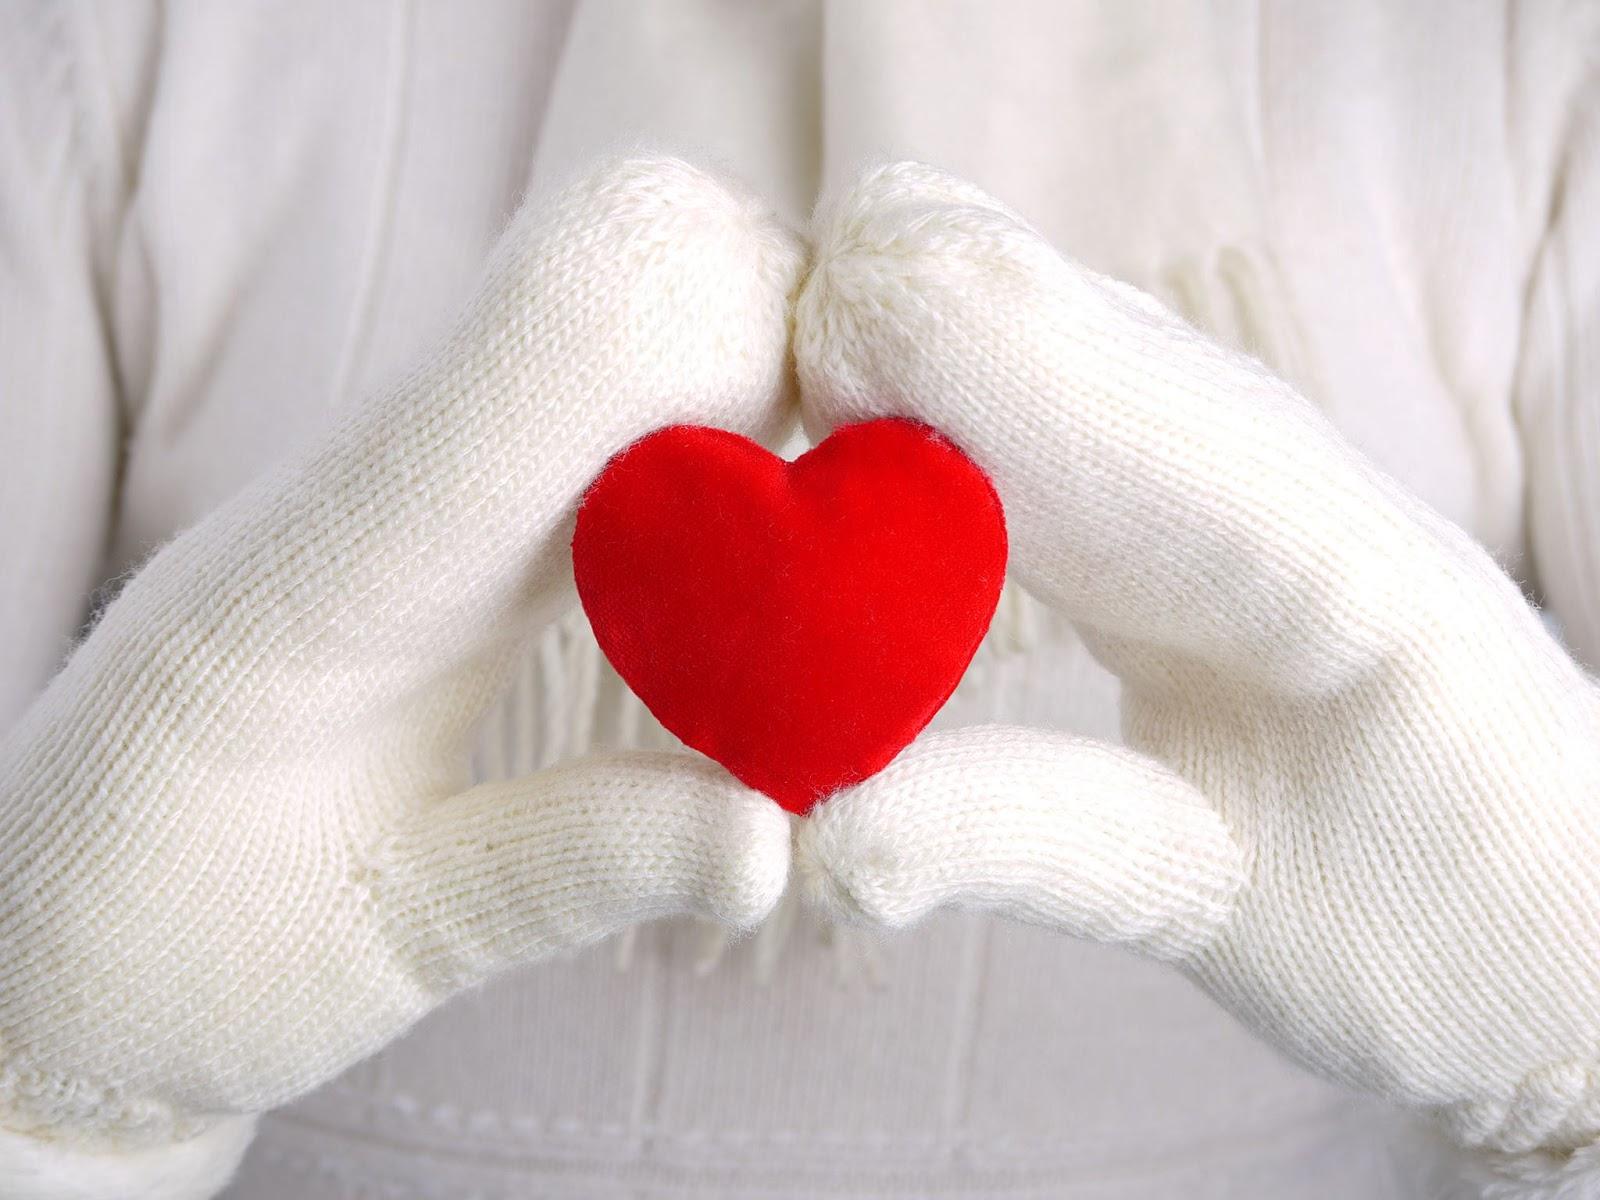 بالصور اجمل صور حب رومانسيه , شاهد صور للحب و الرومانسيه 2733 8